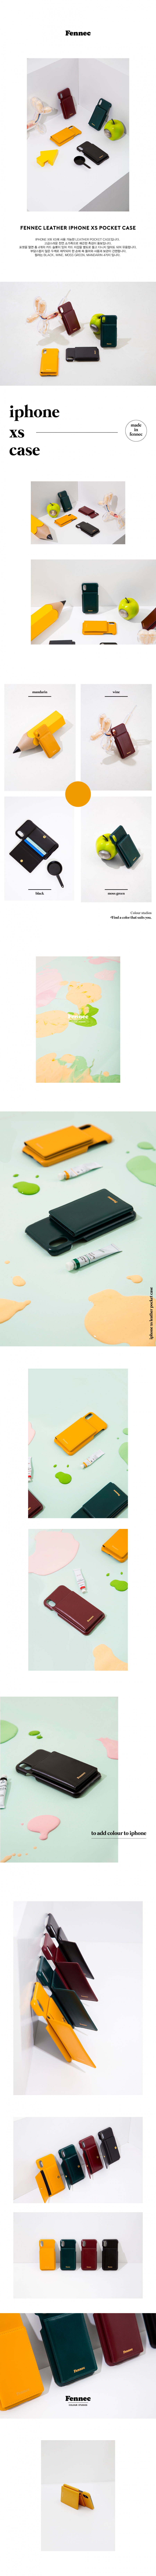 페넥(FENNEC) LEATHER iPHONE XS POCKET CASE - BLACK